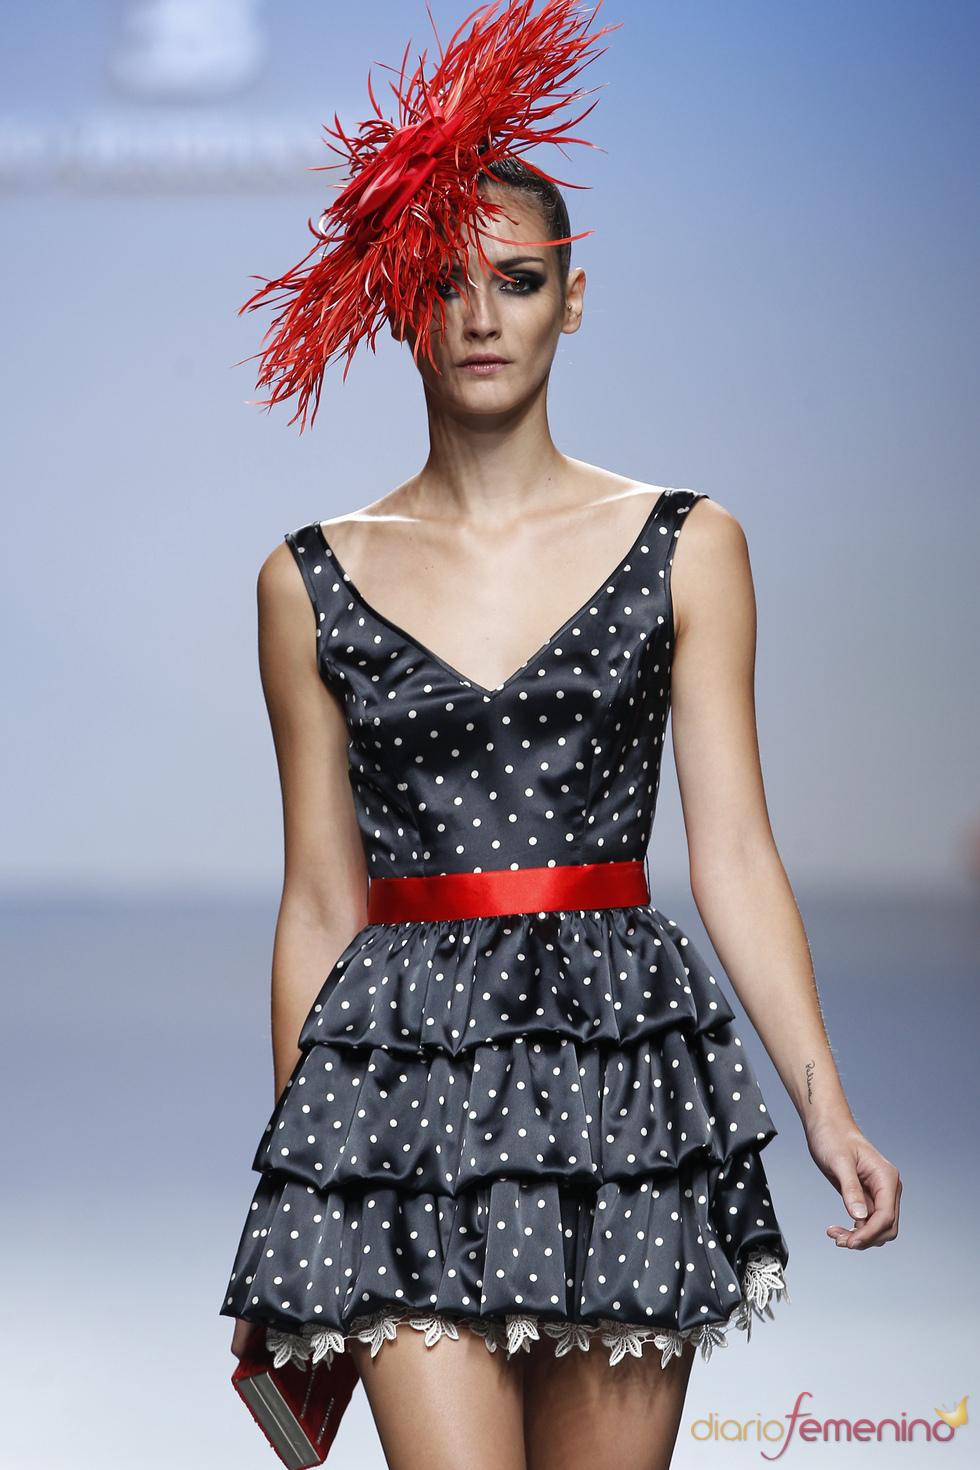 La inspiración andaluza sigue vistiendo la mujer de Elio Berhanyer en Cibeles 2011